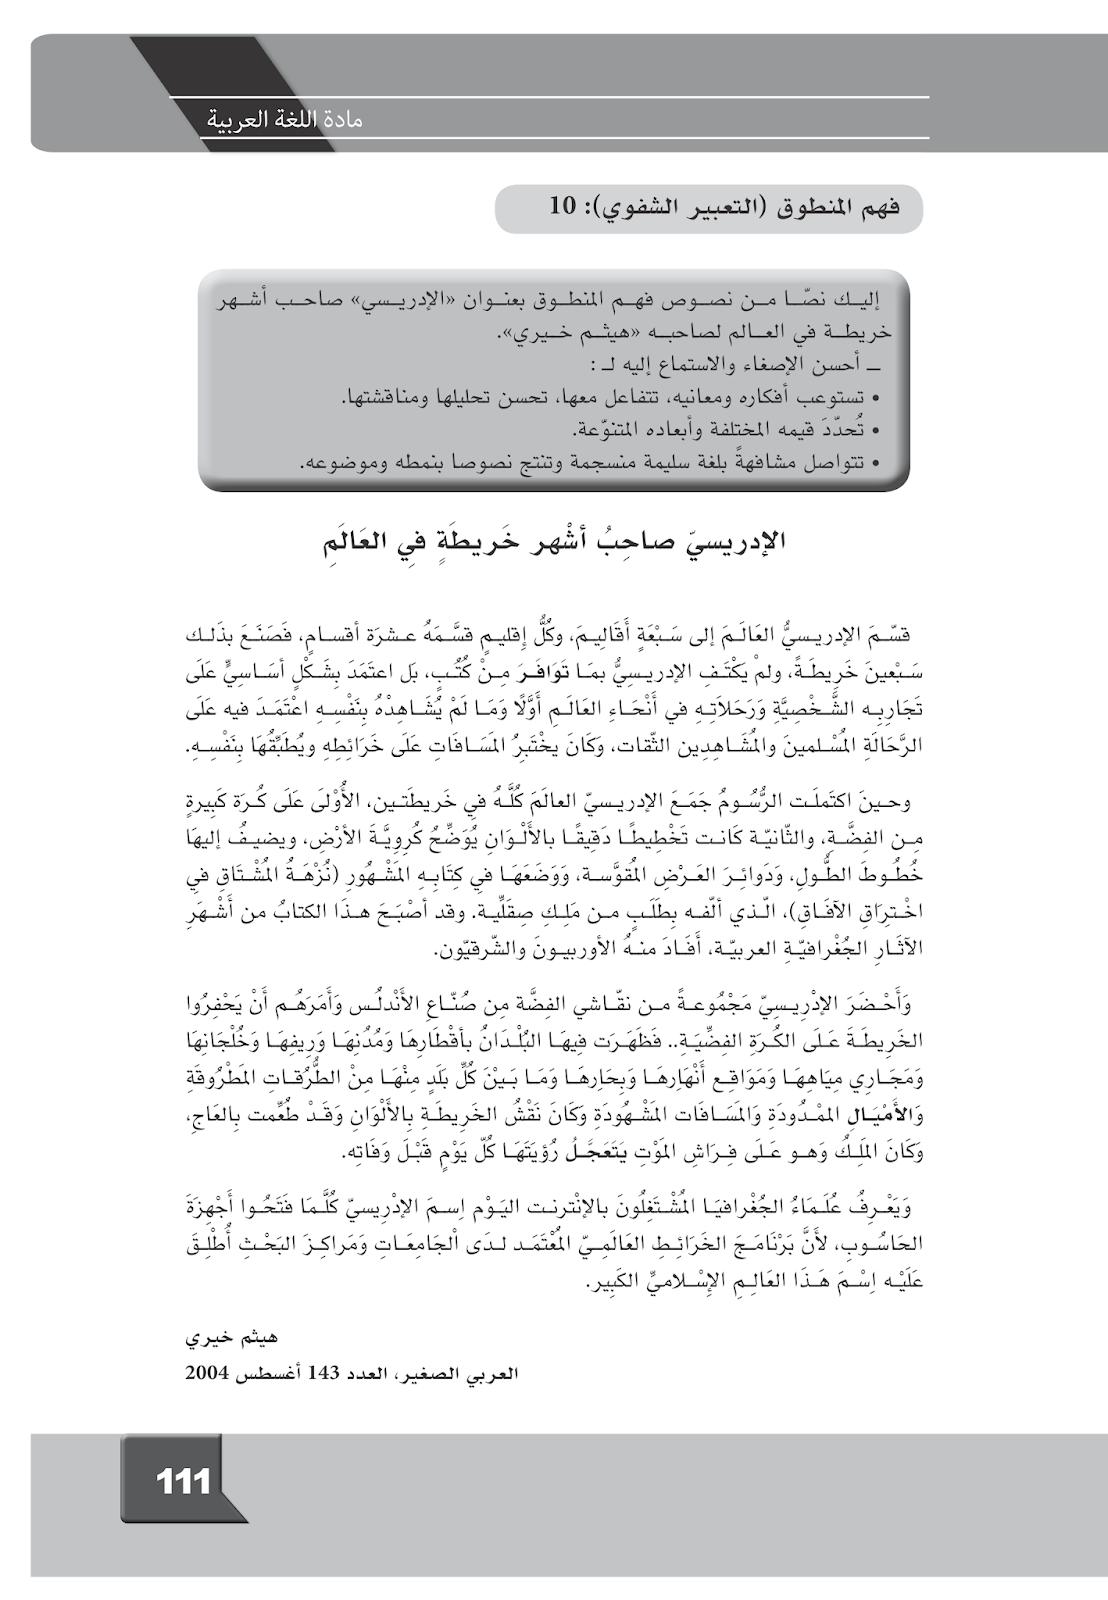 نص الإدريسي صاحب أشهر خريطة في العالم اللغة العربية للسنة الاولى 1 متوسط الجيل الثاني